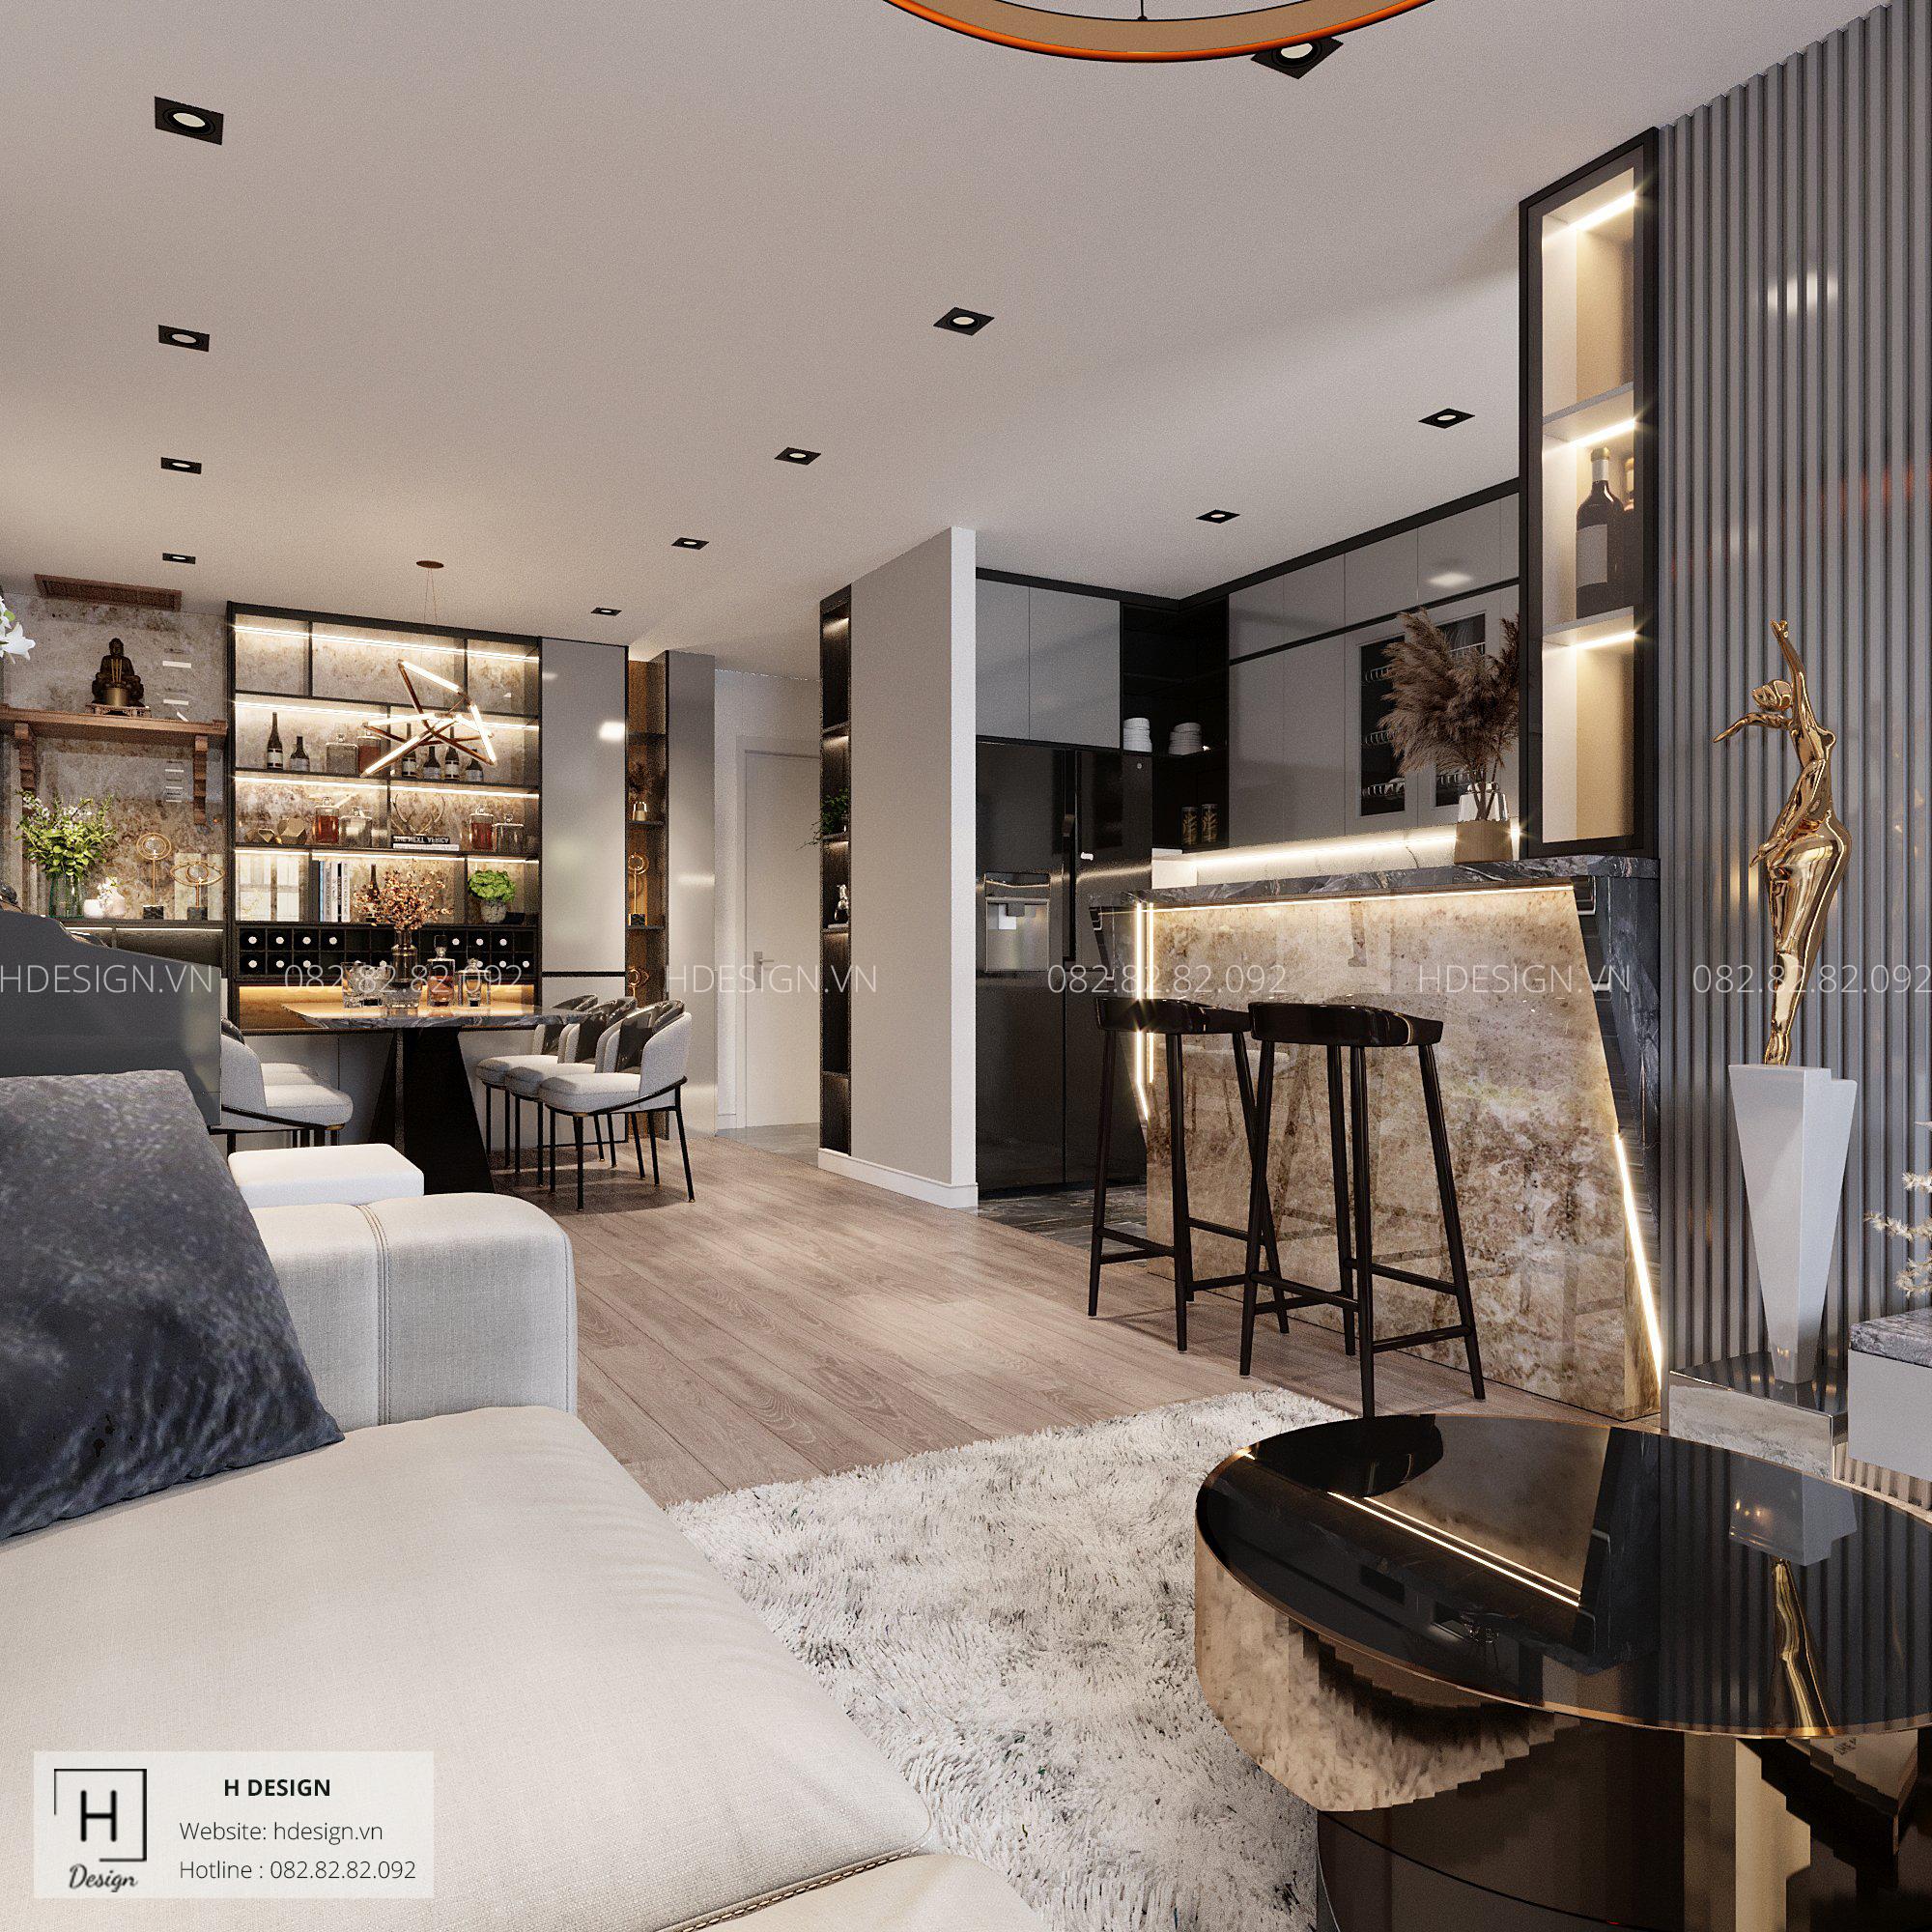 Thiết kế nội thất chung cư đẹp 2020 theo phong cách luxury tại chung cư Kosmo Tây Hồ, Hà Nội